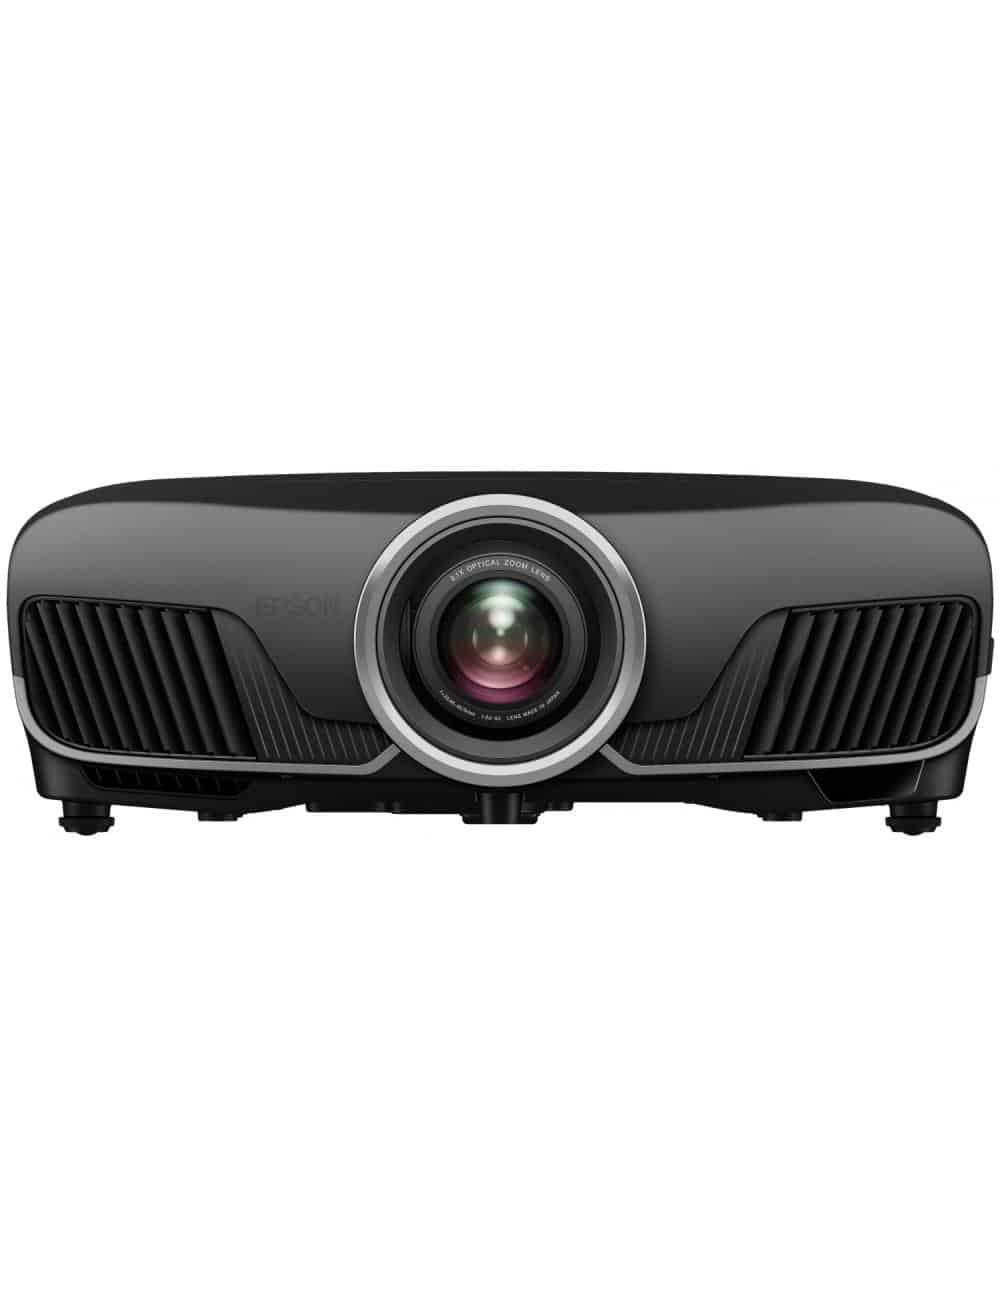 Proiettore UHD HDR per Home Cinema, Epson EH-TW9400, finitura black